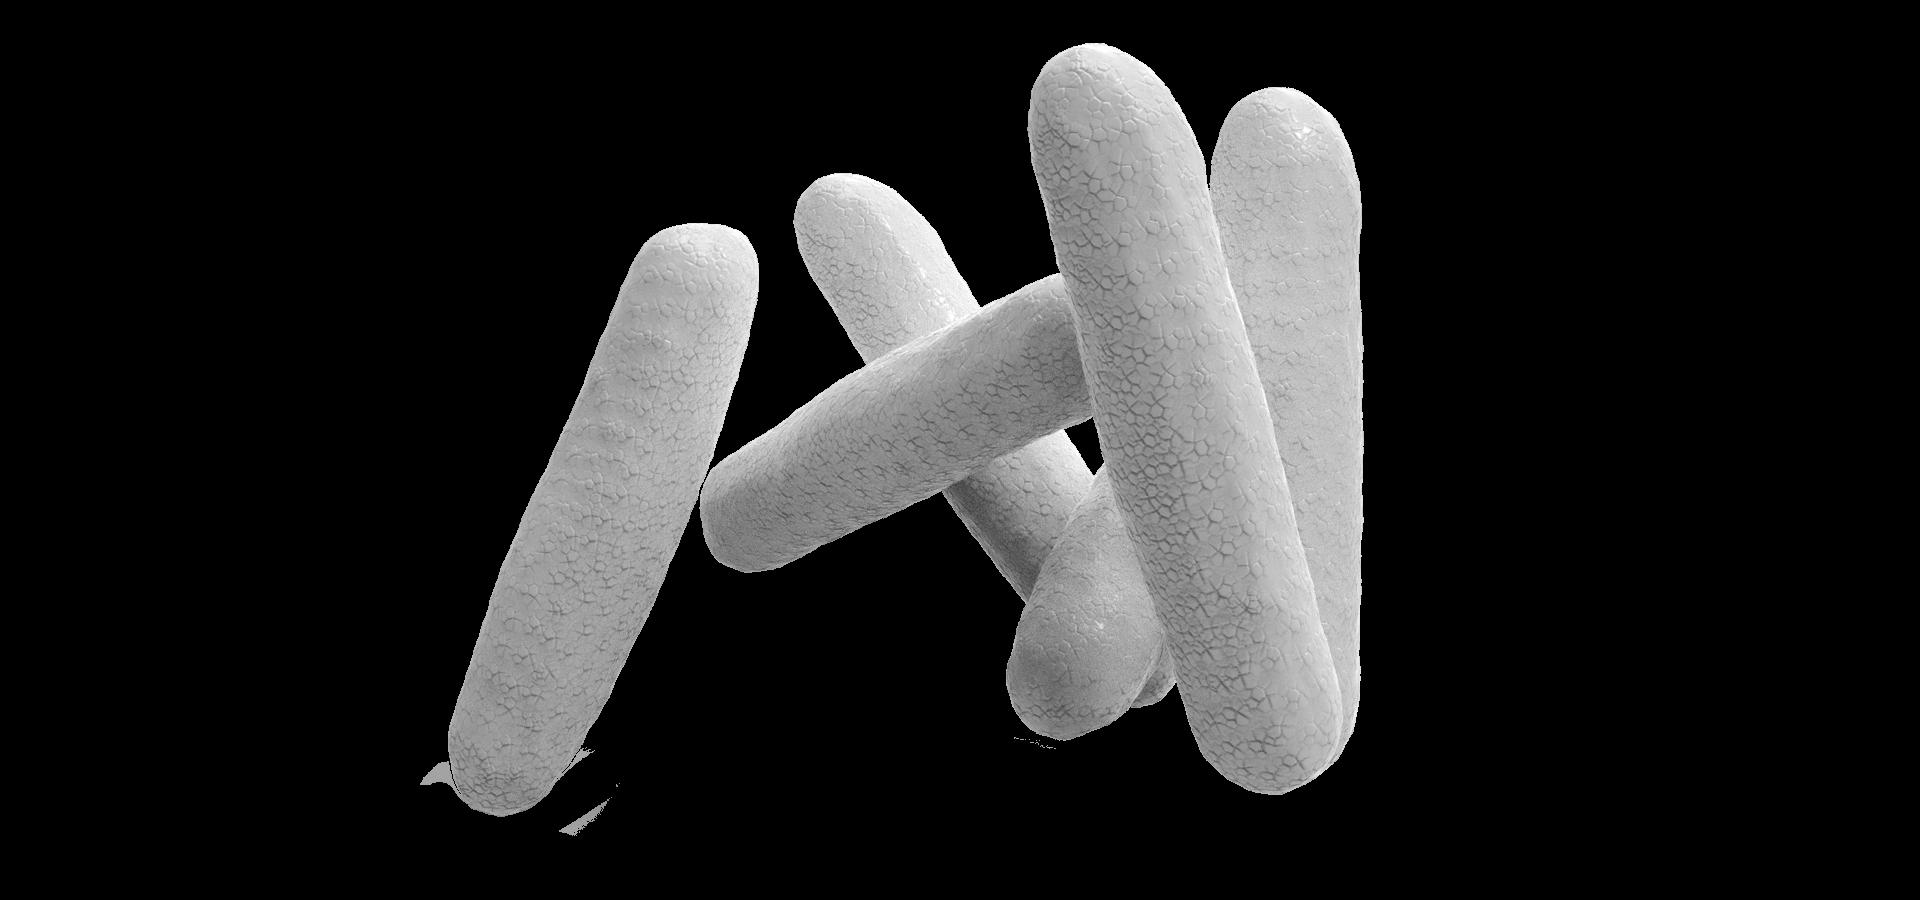 Cyanobacteria synechococcus